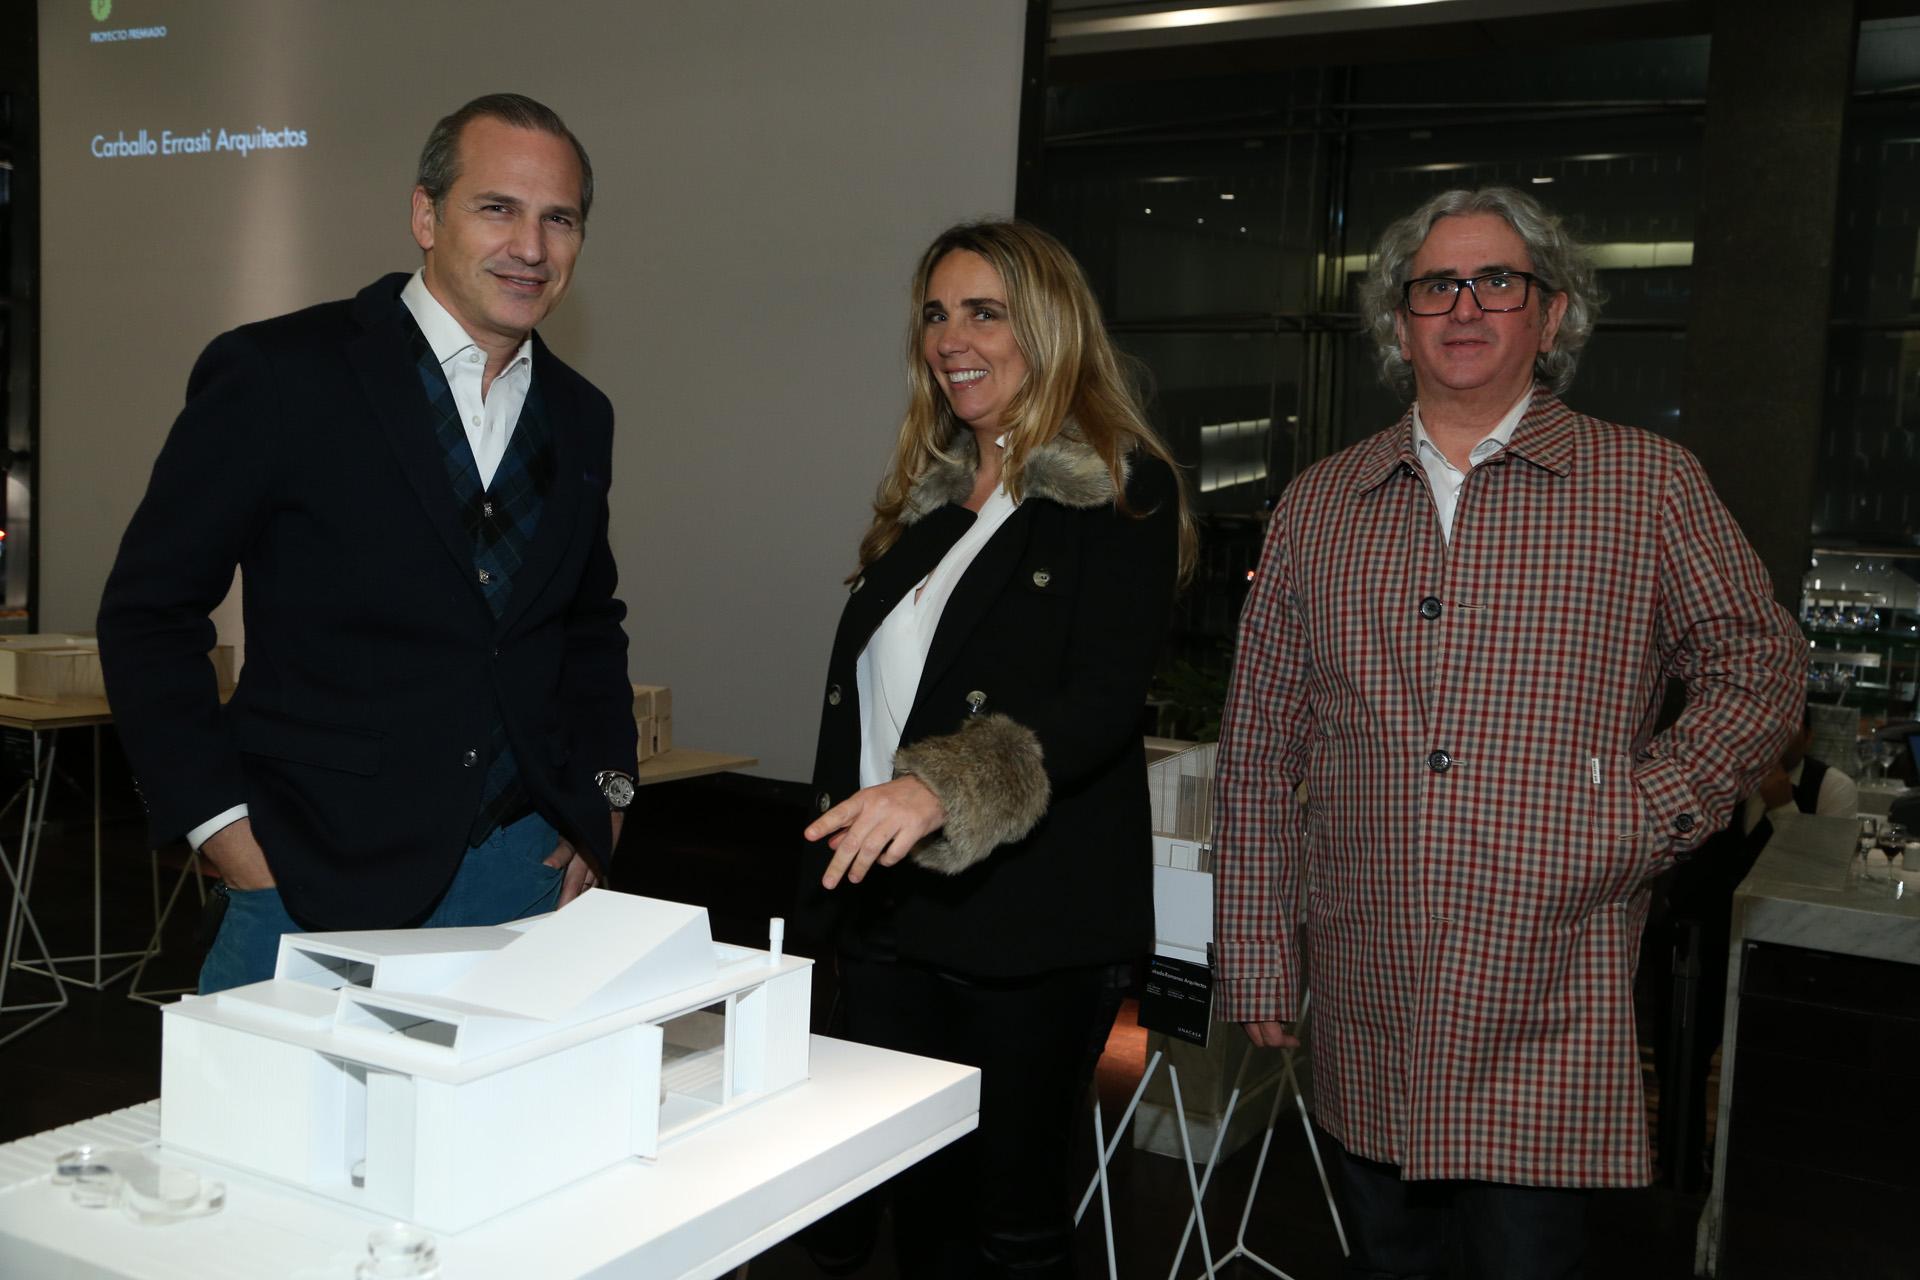 Los arquitectos Javier Iturrioz y Julio Oropel junto a la decoradora Milagros Resta /// Fotos: Mass Group PR